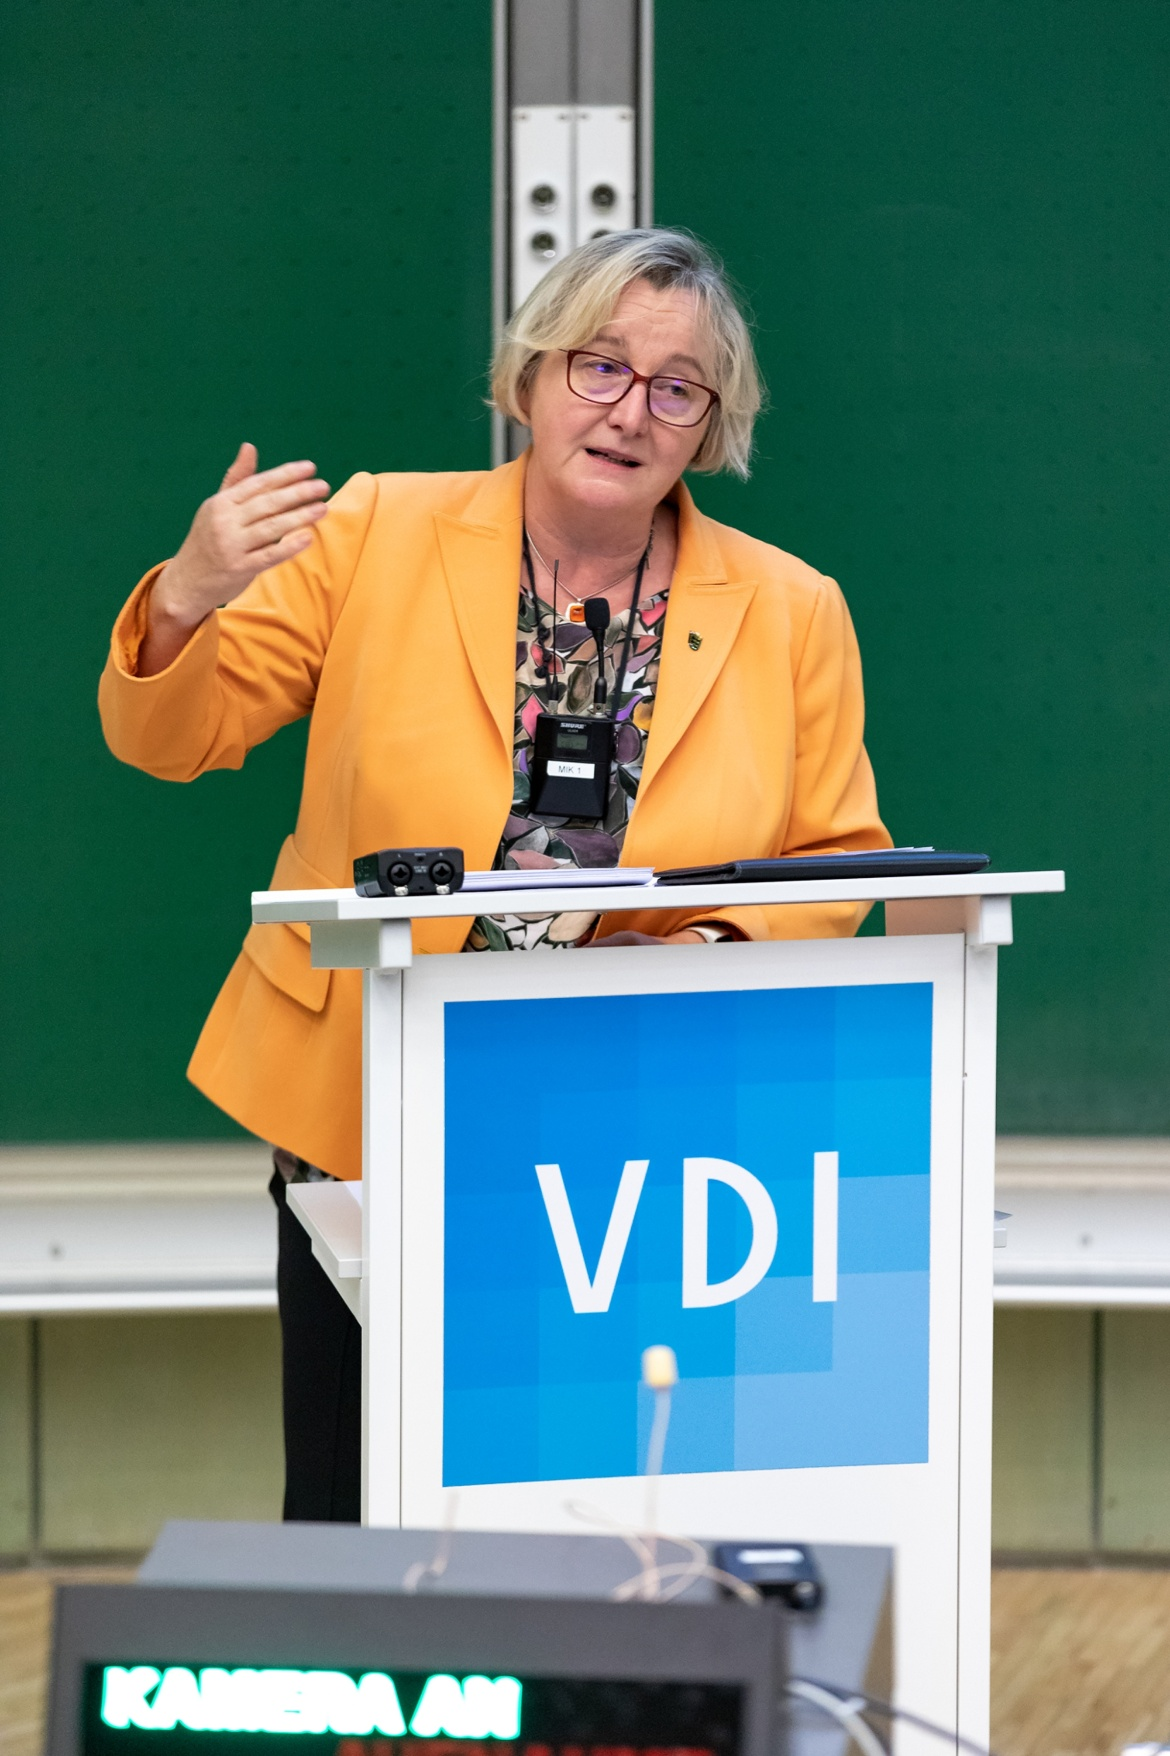 """""""Um schnelleren Veränderungen bewältigen zu können, brauchen wir die Ingenieure"""", betonteTheresia Bauer, Ministerin für Wissenschaft, Forschung und Kunst Baden-Württemberg. (c) VDI"""